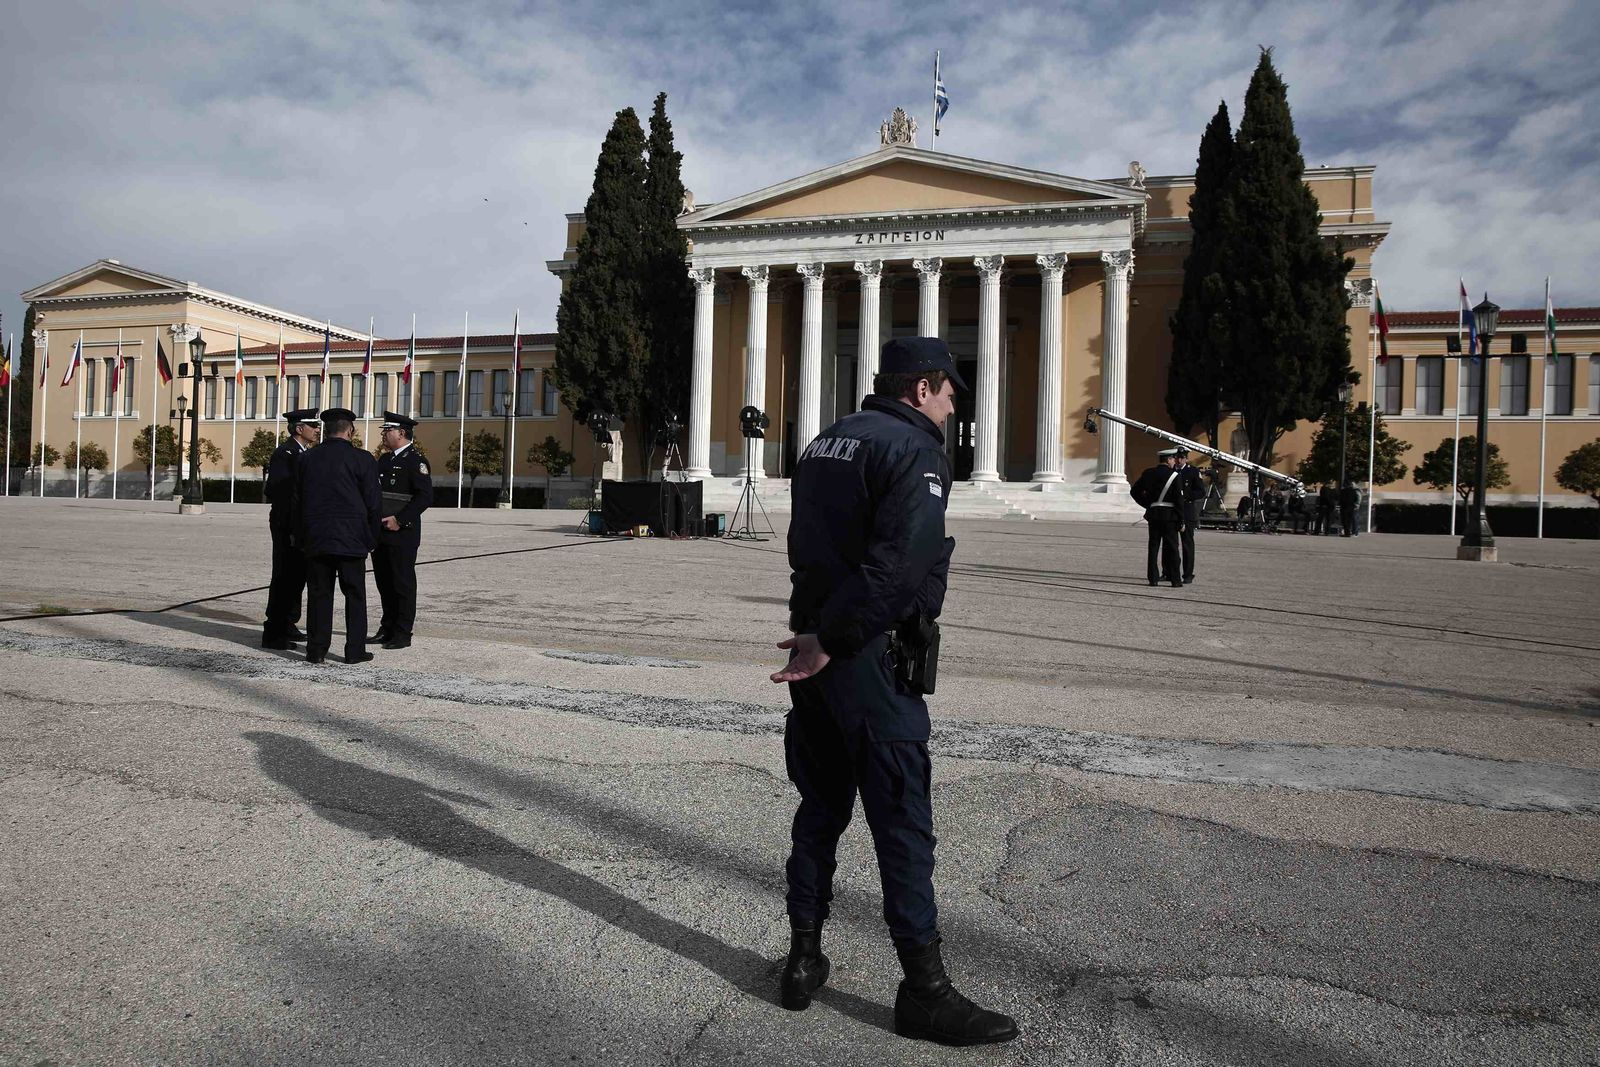 Griechenland Zappeion Athen Gebäude und Soldat neutral